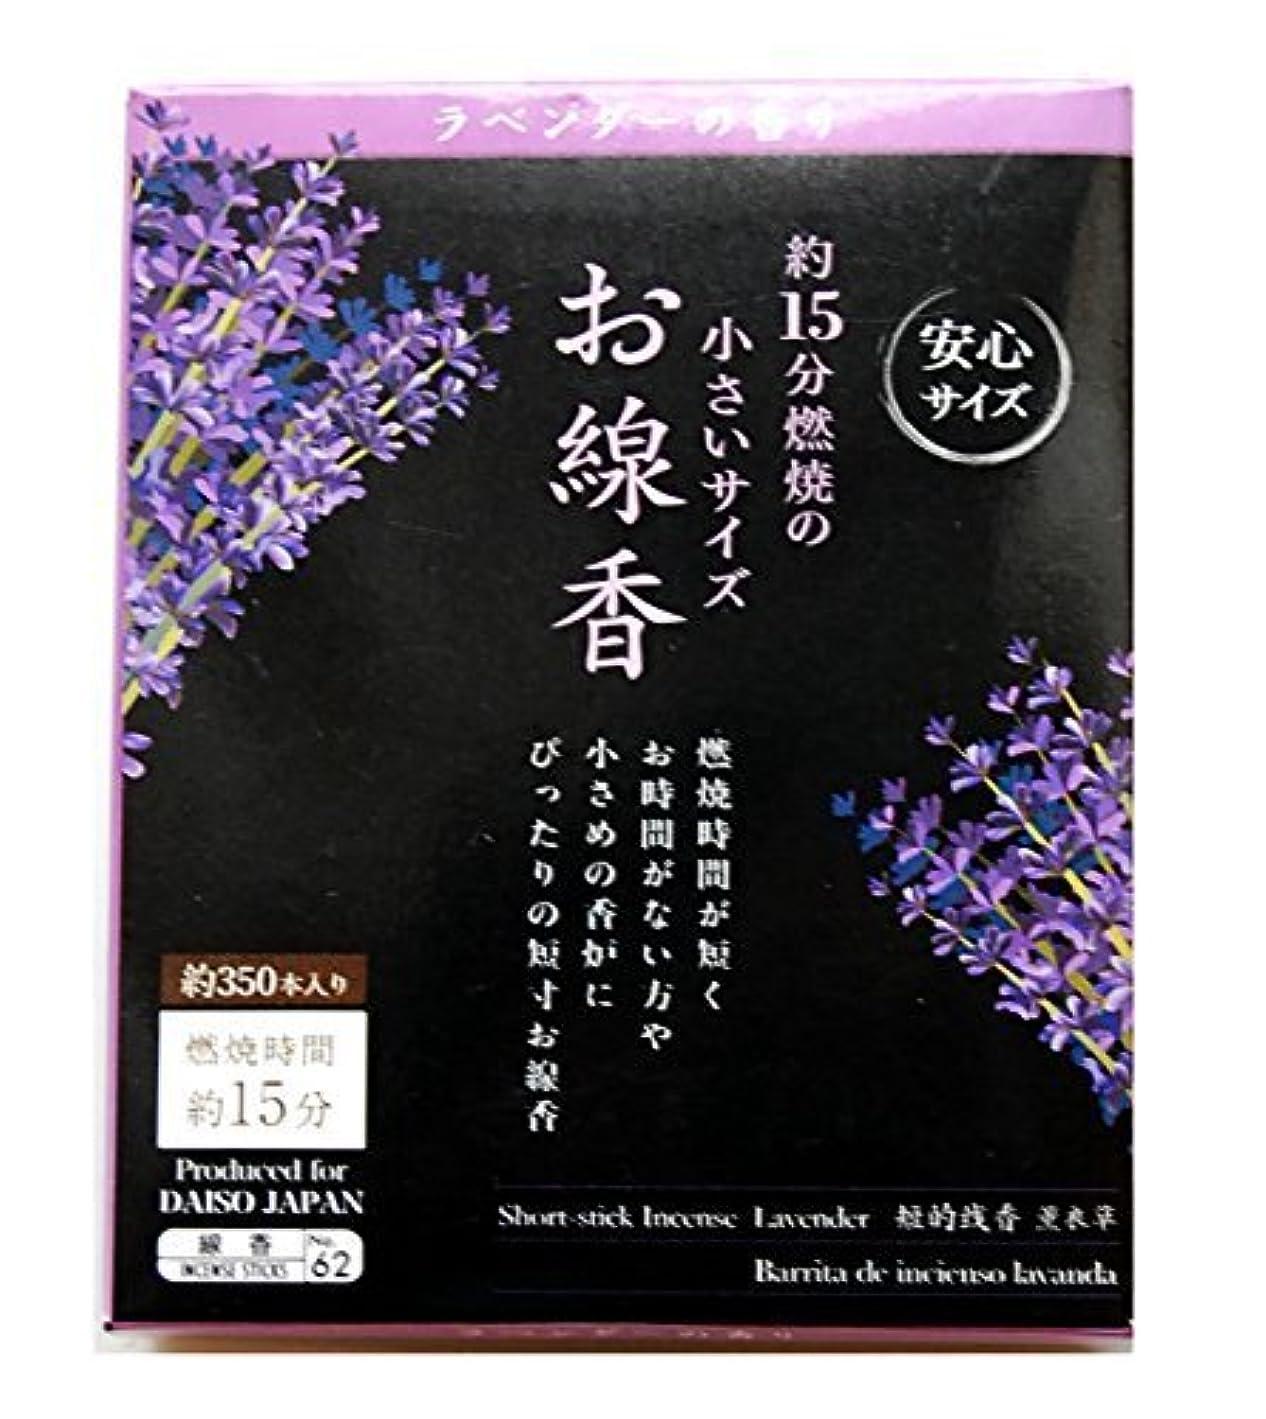 出力ヘビー付録Daiso Senko Japaneseお香ラベンダーショートスティック9 cm-15min / 350 sticks